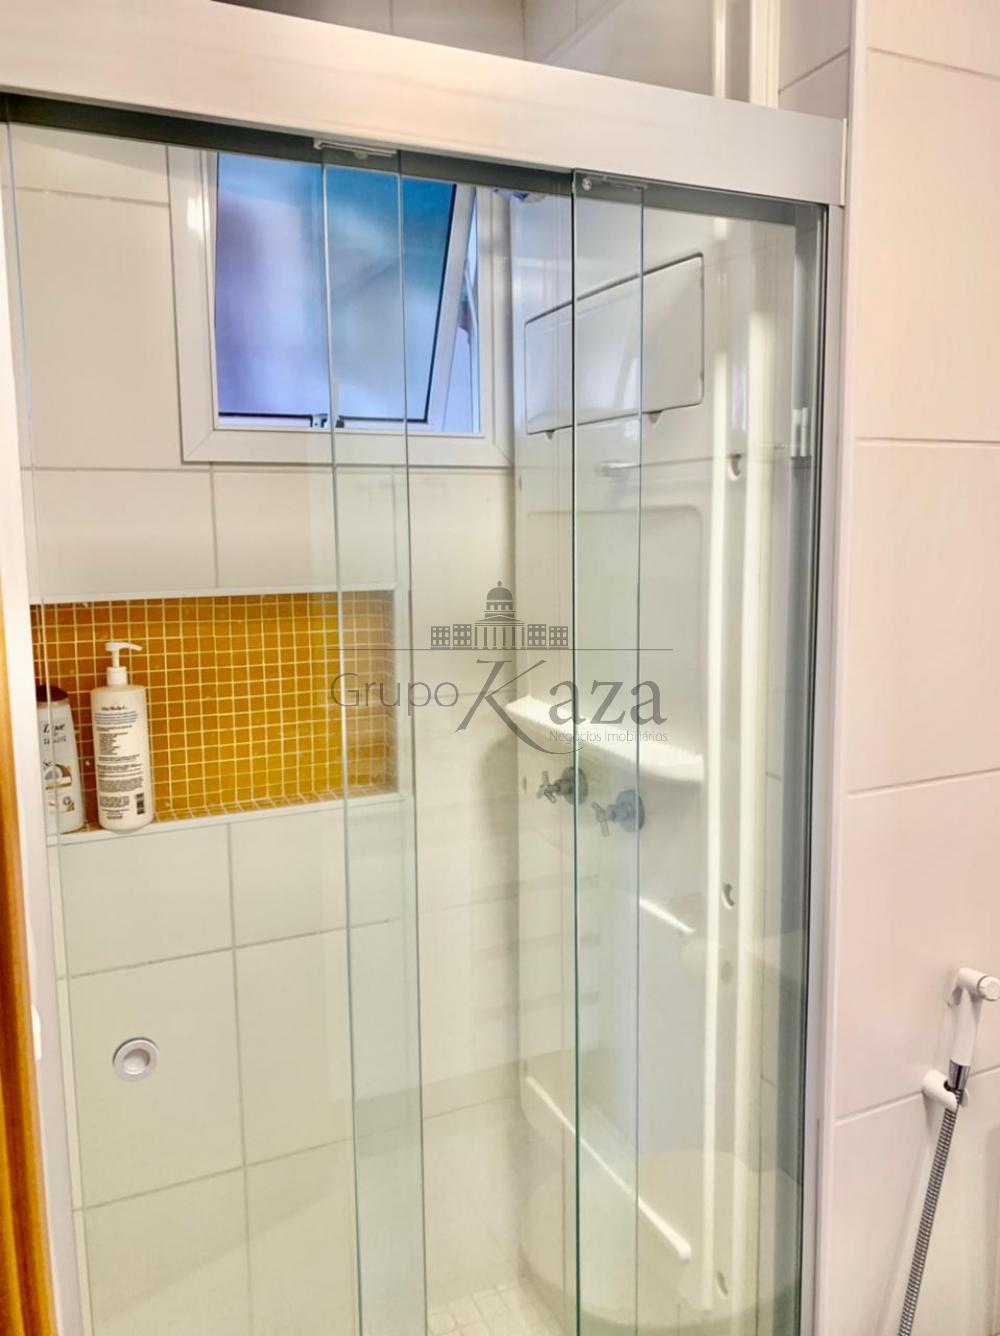 alt='Comprar Apartamento / Padrão em São José dos Campos R$ 855.000,00 - Foto 18' title='Comprar Apartamento / Padrão em São José dos Campos R$ 855.000,00 - Foto 18'